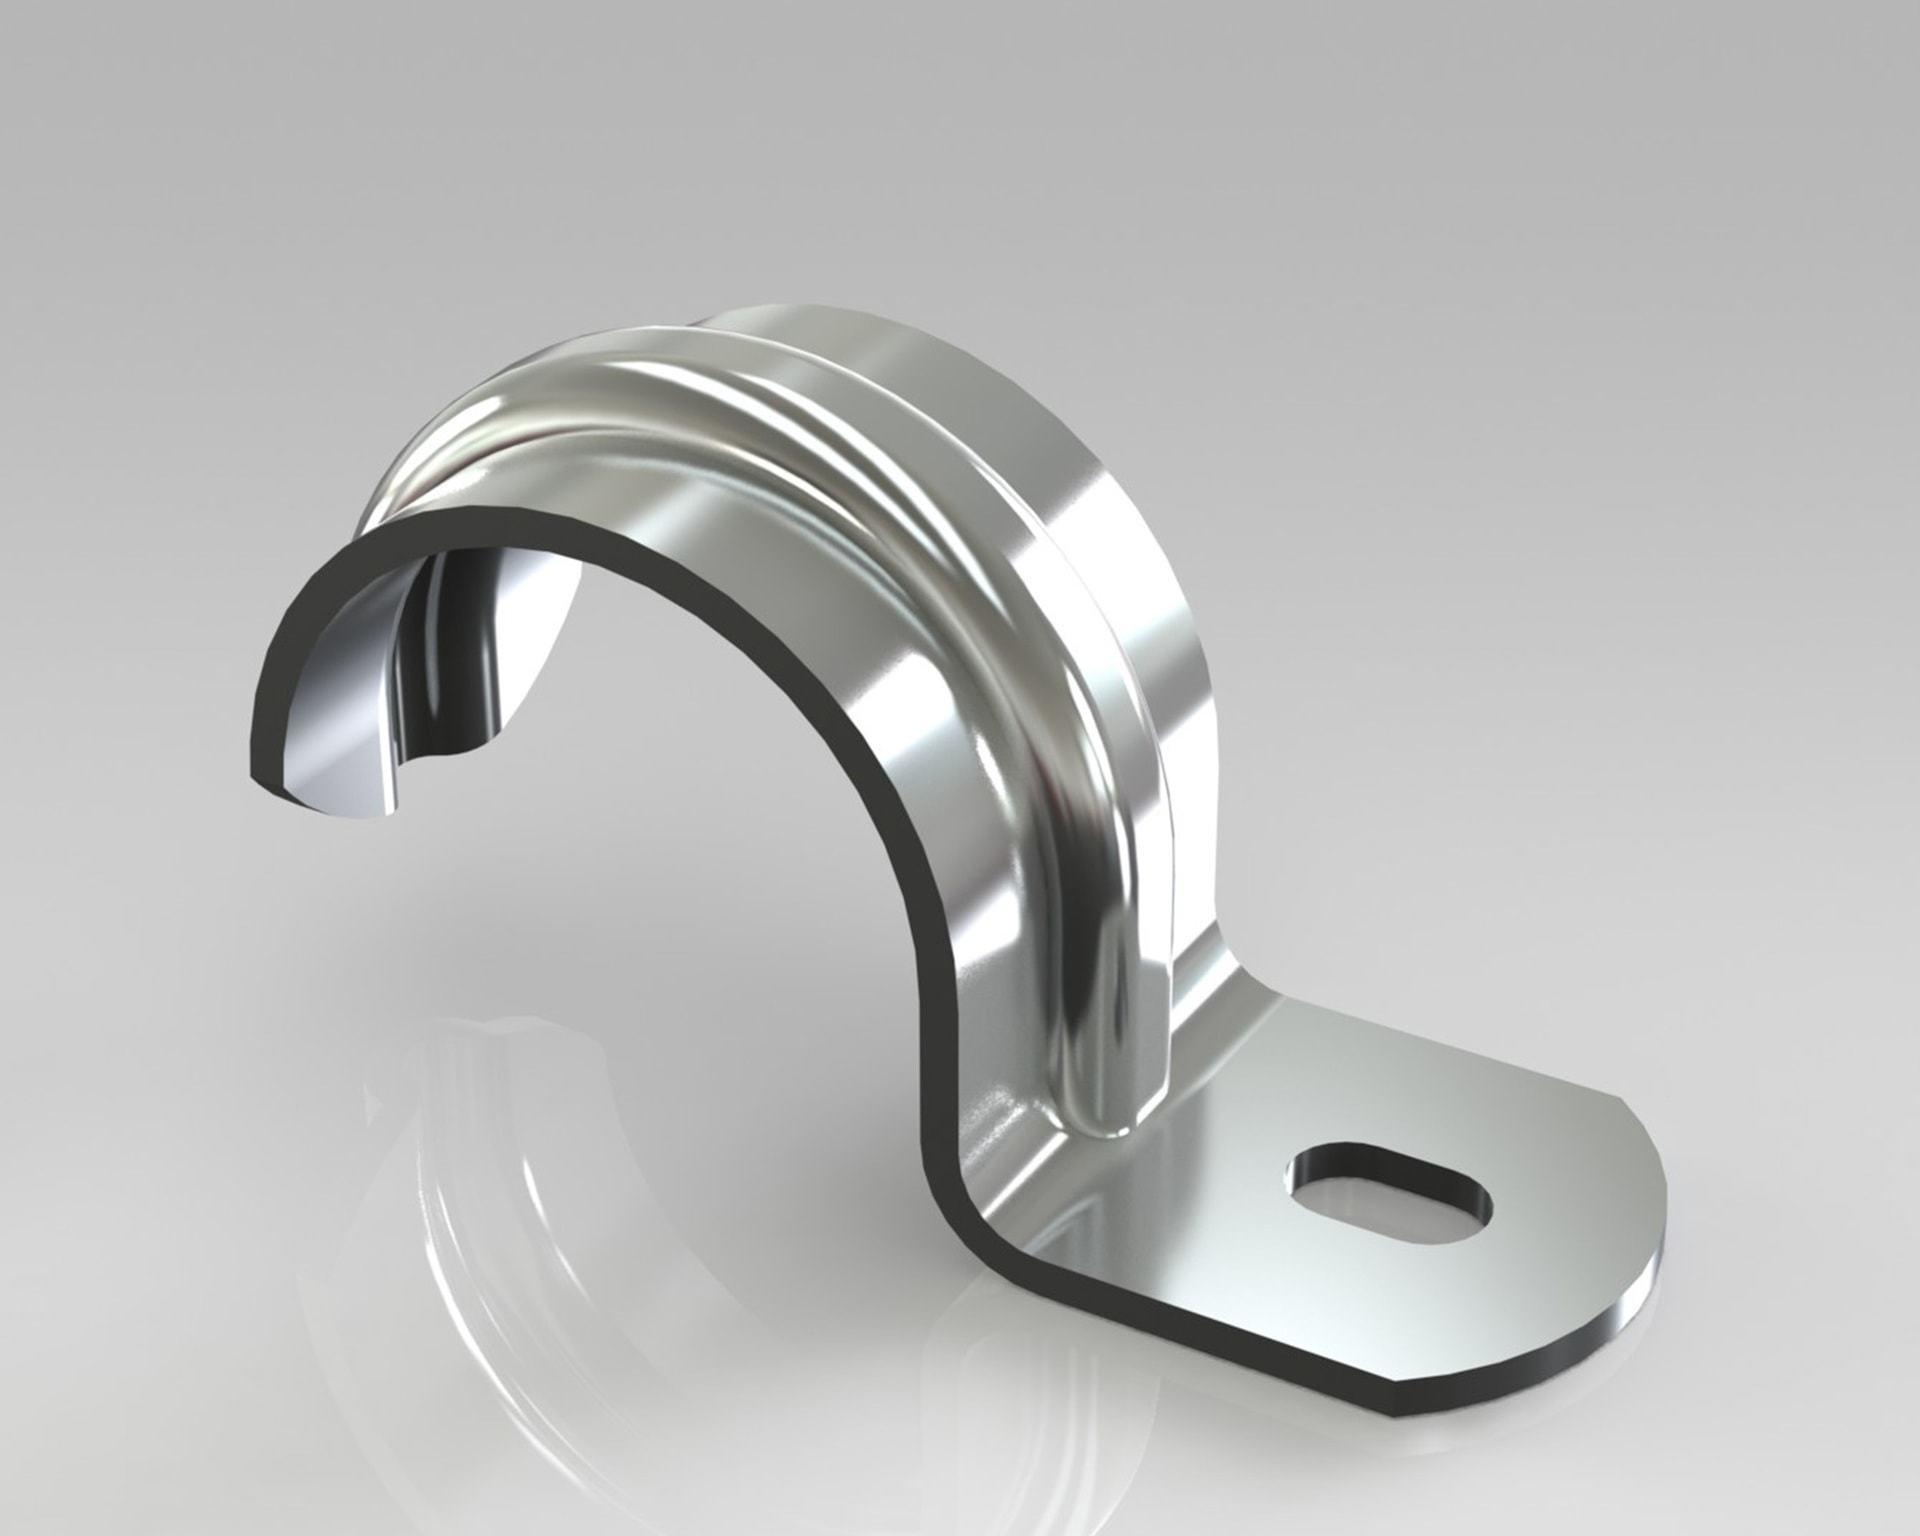 PEK3 Easytube Metal Accessories PC-B